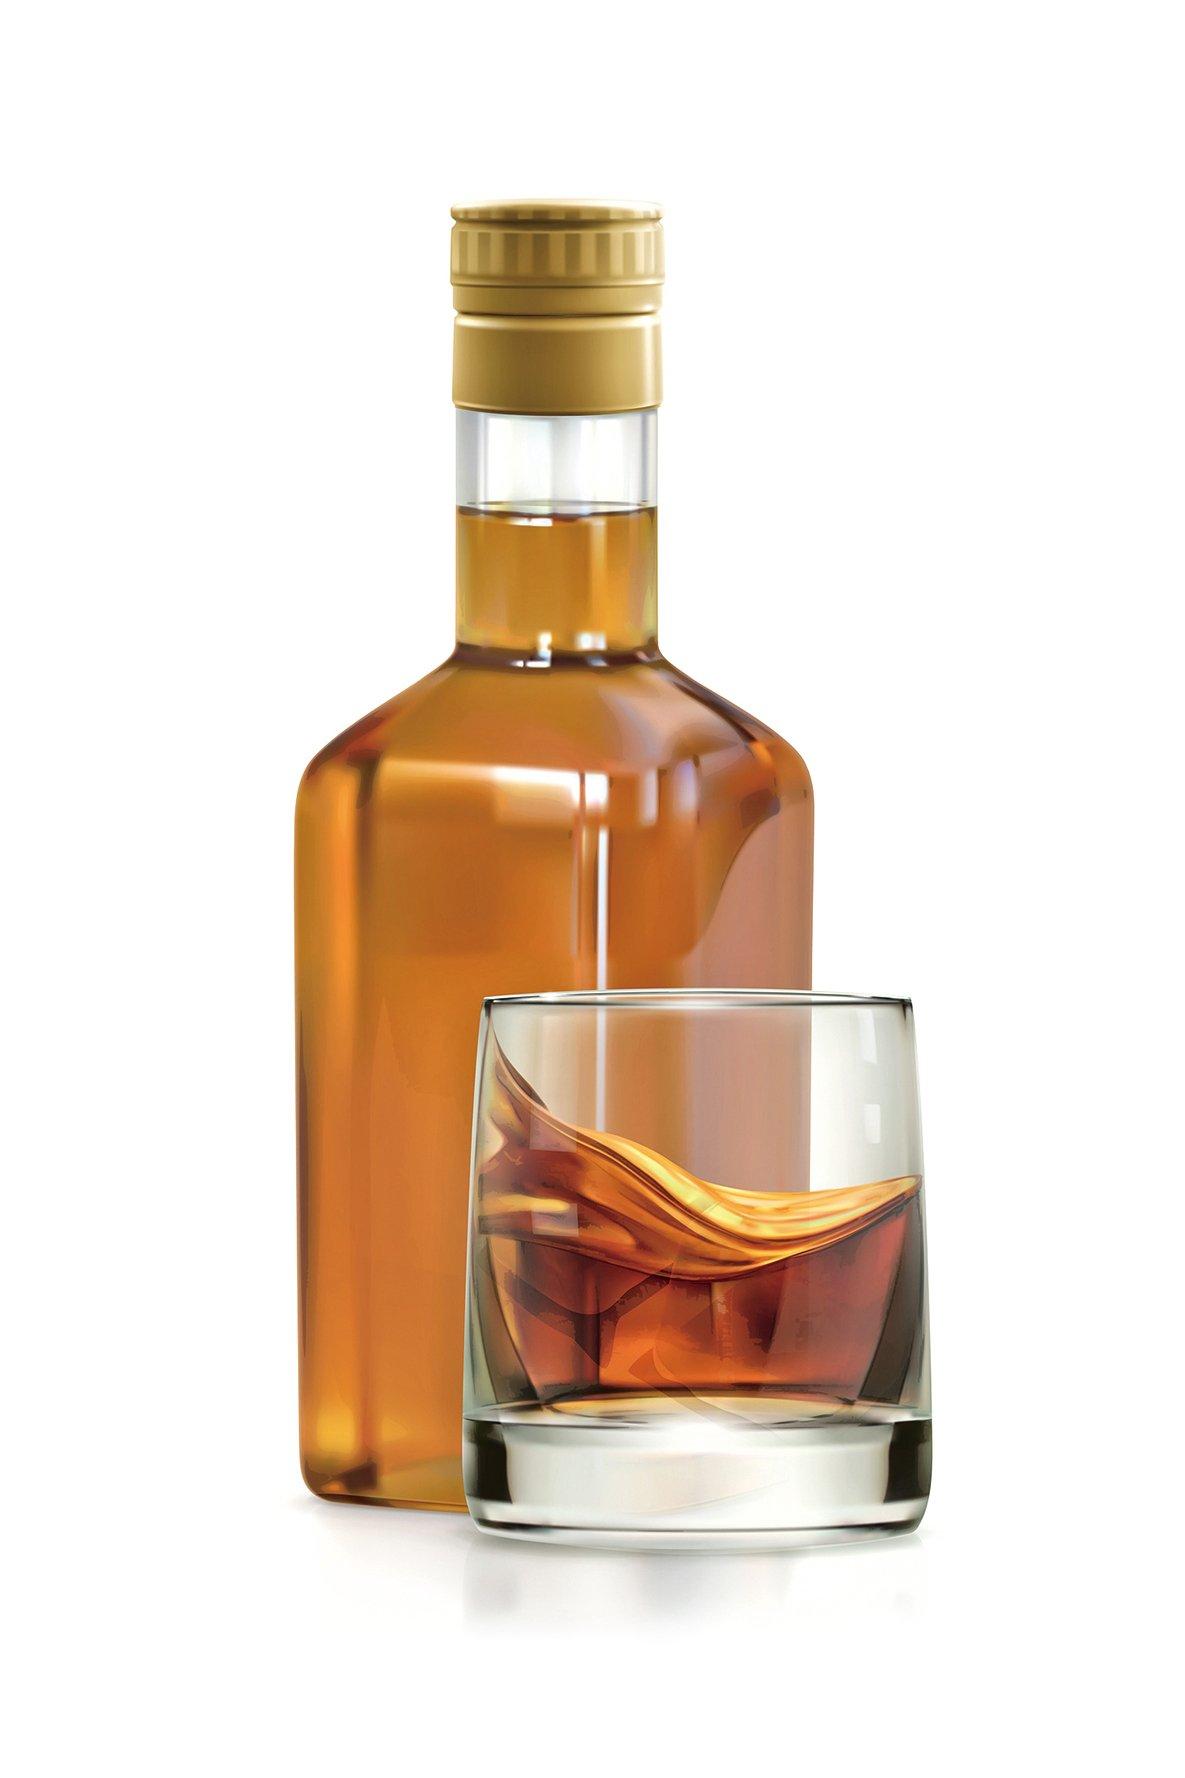 近年來,威士忌的流行度明顯地在上升。